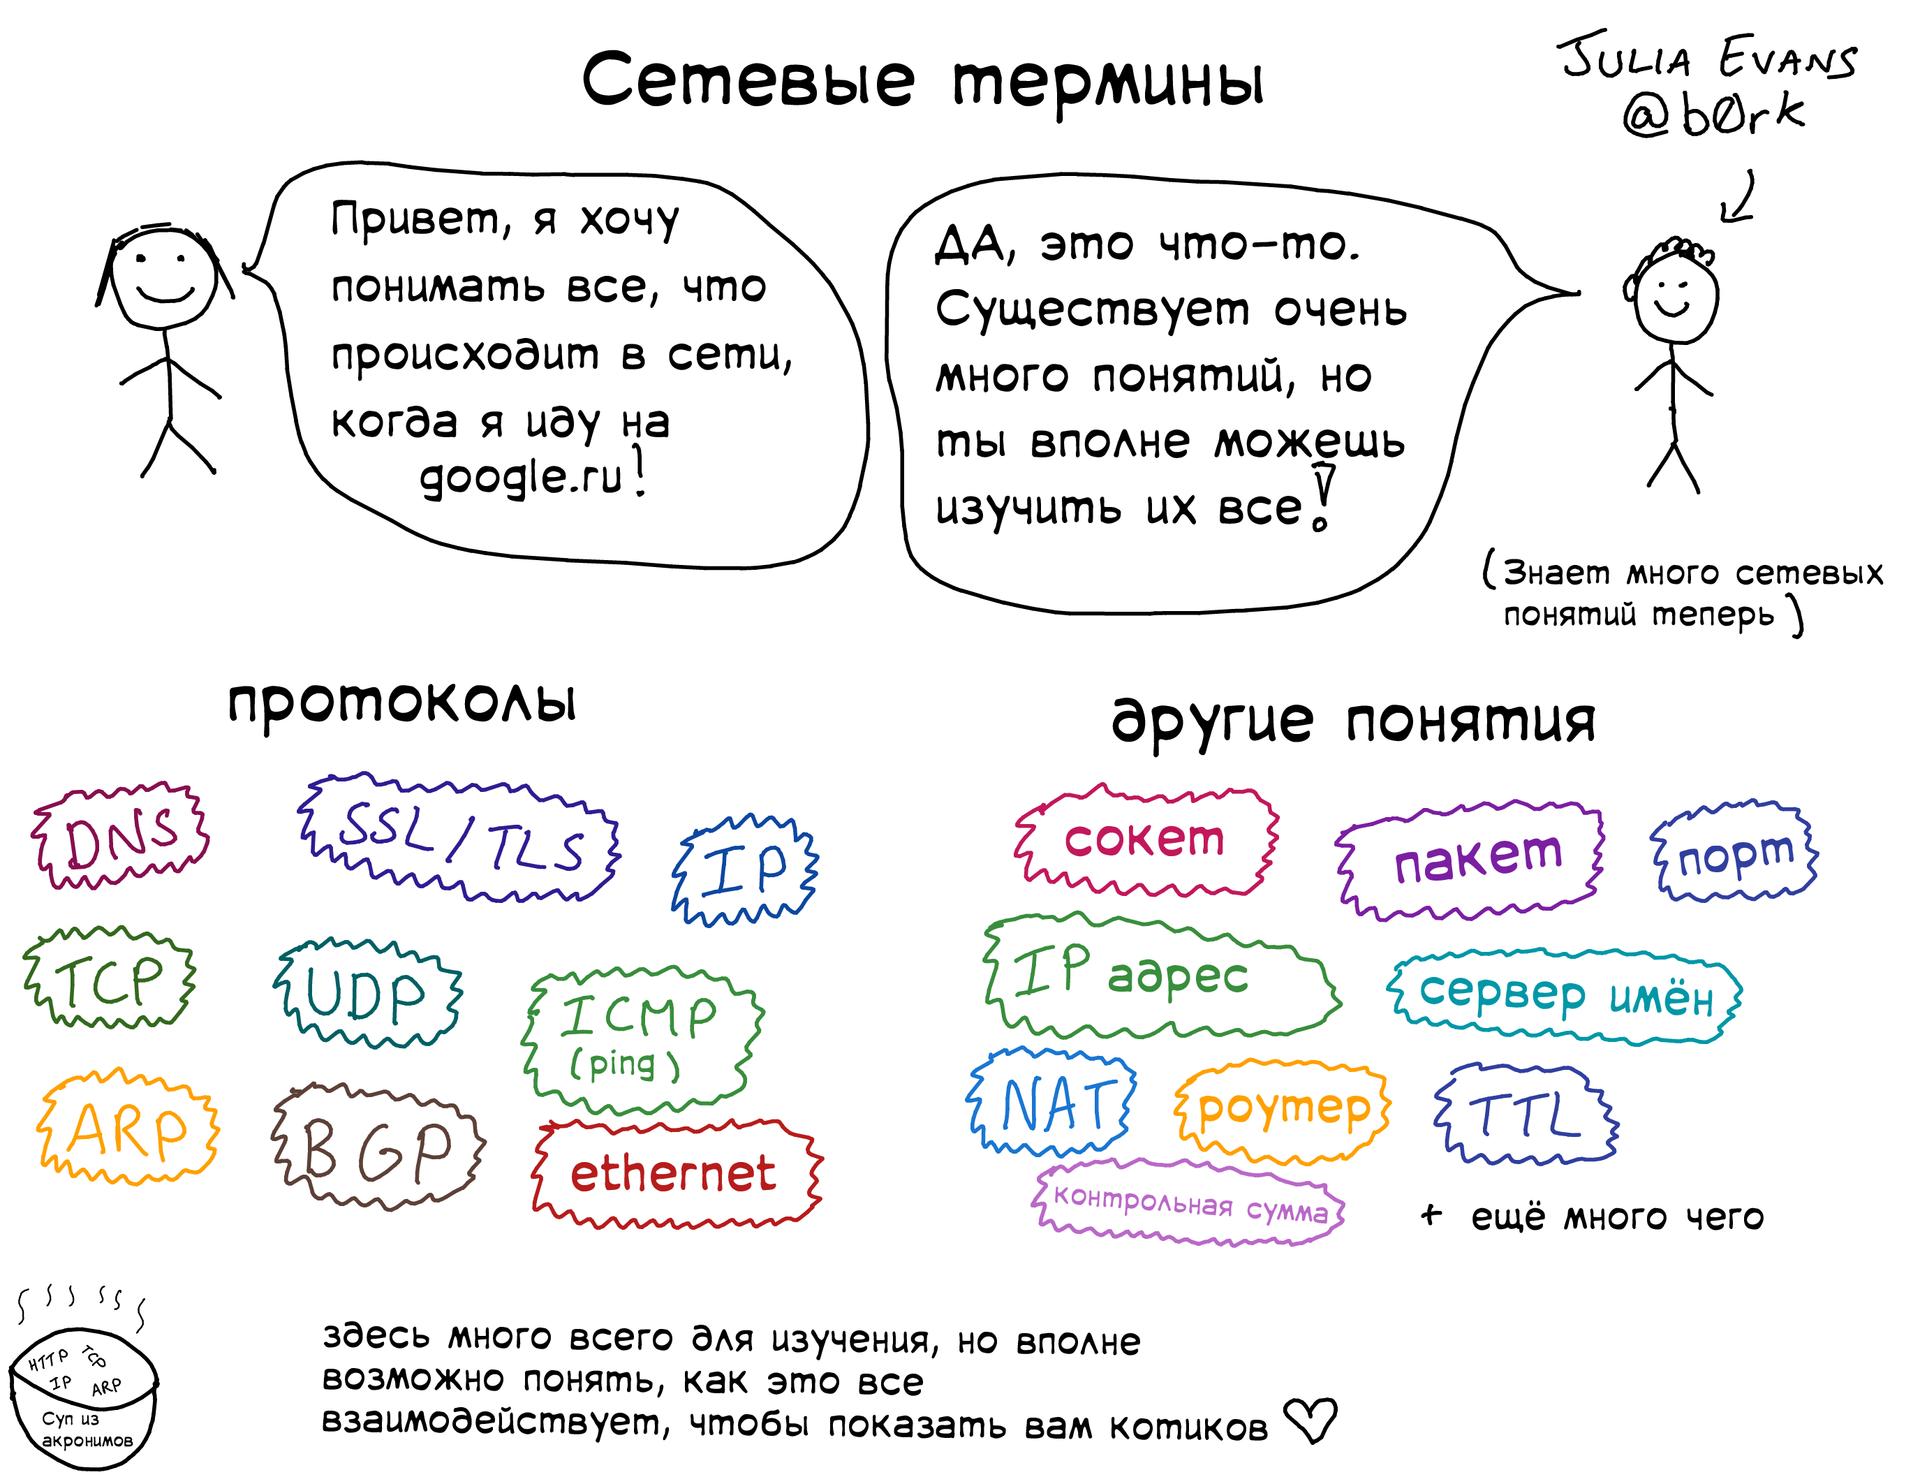 Подборка полезных слайдов от Джулии Эванс - 4